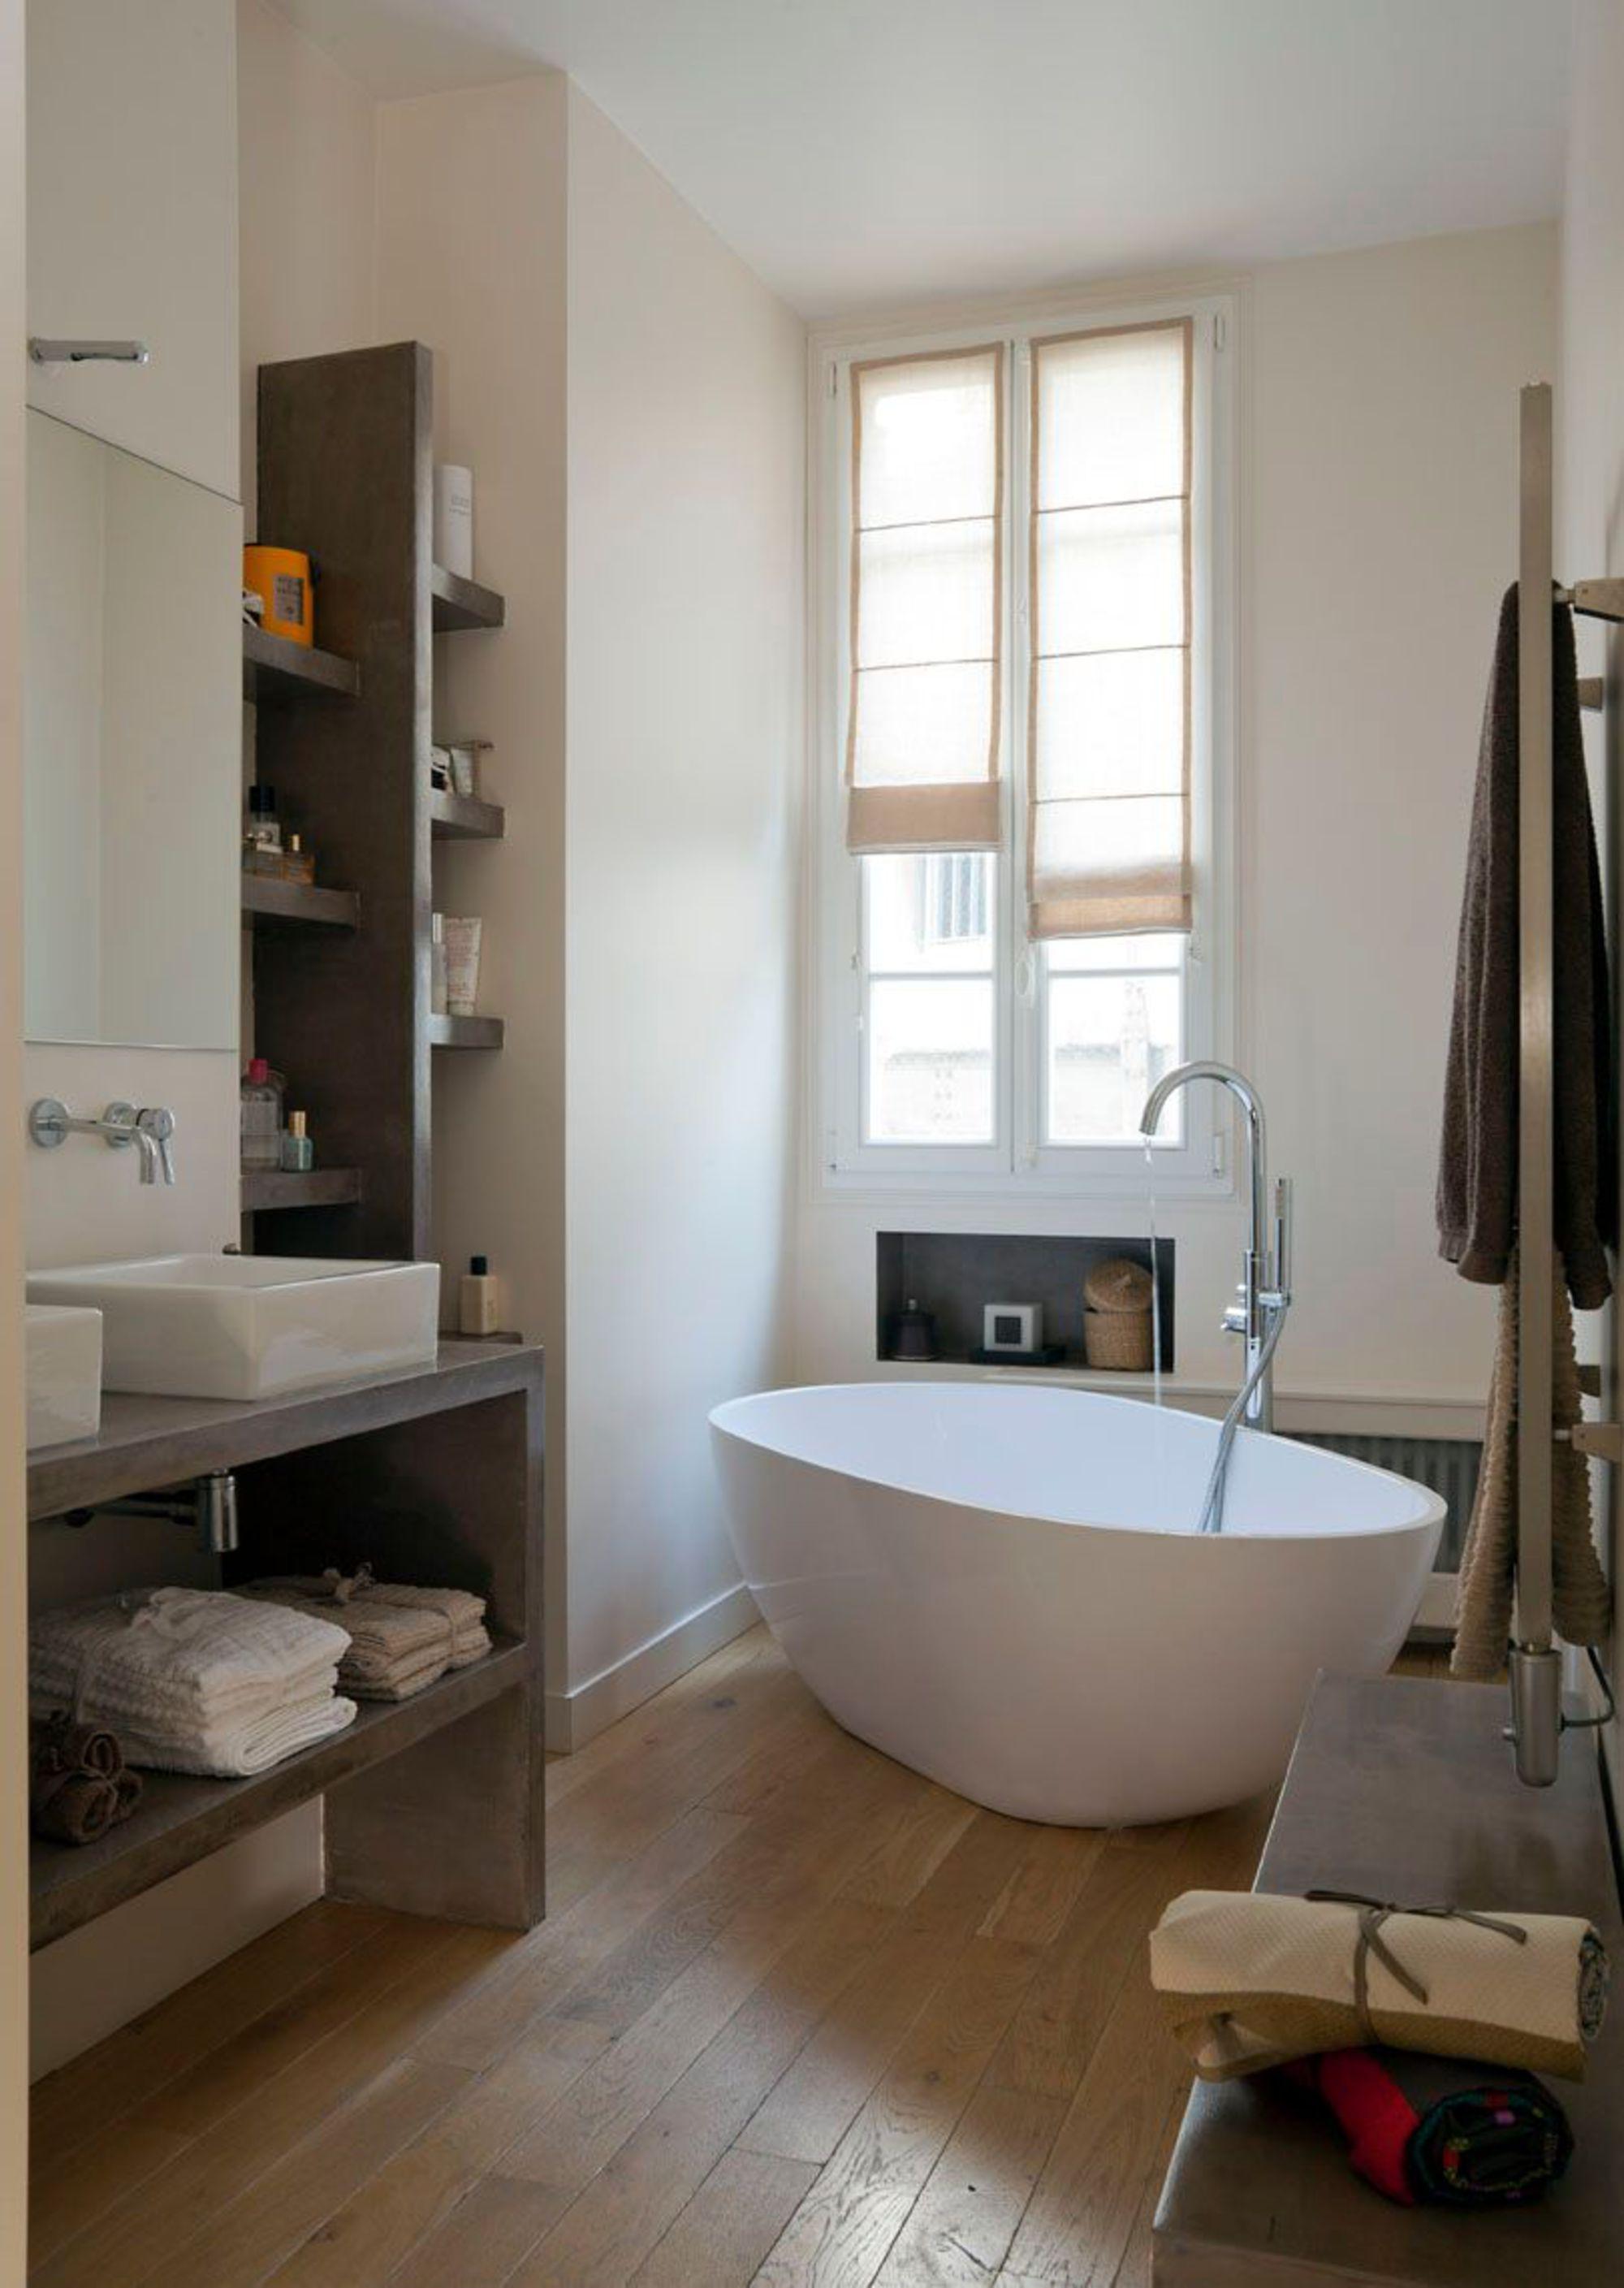 salle de bain dà co zen et nature zen deco and nature